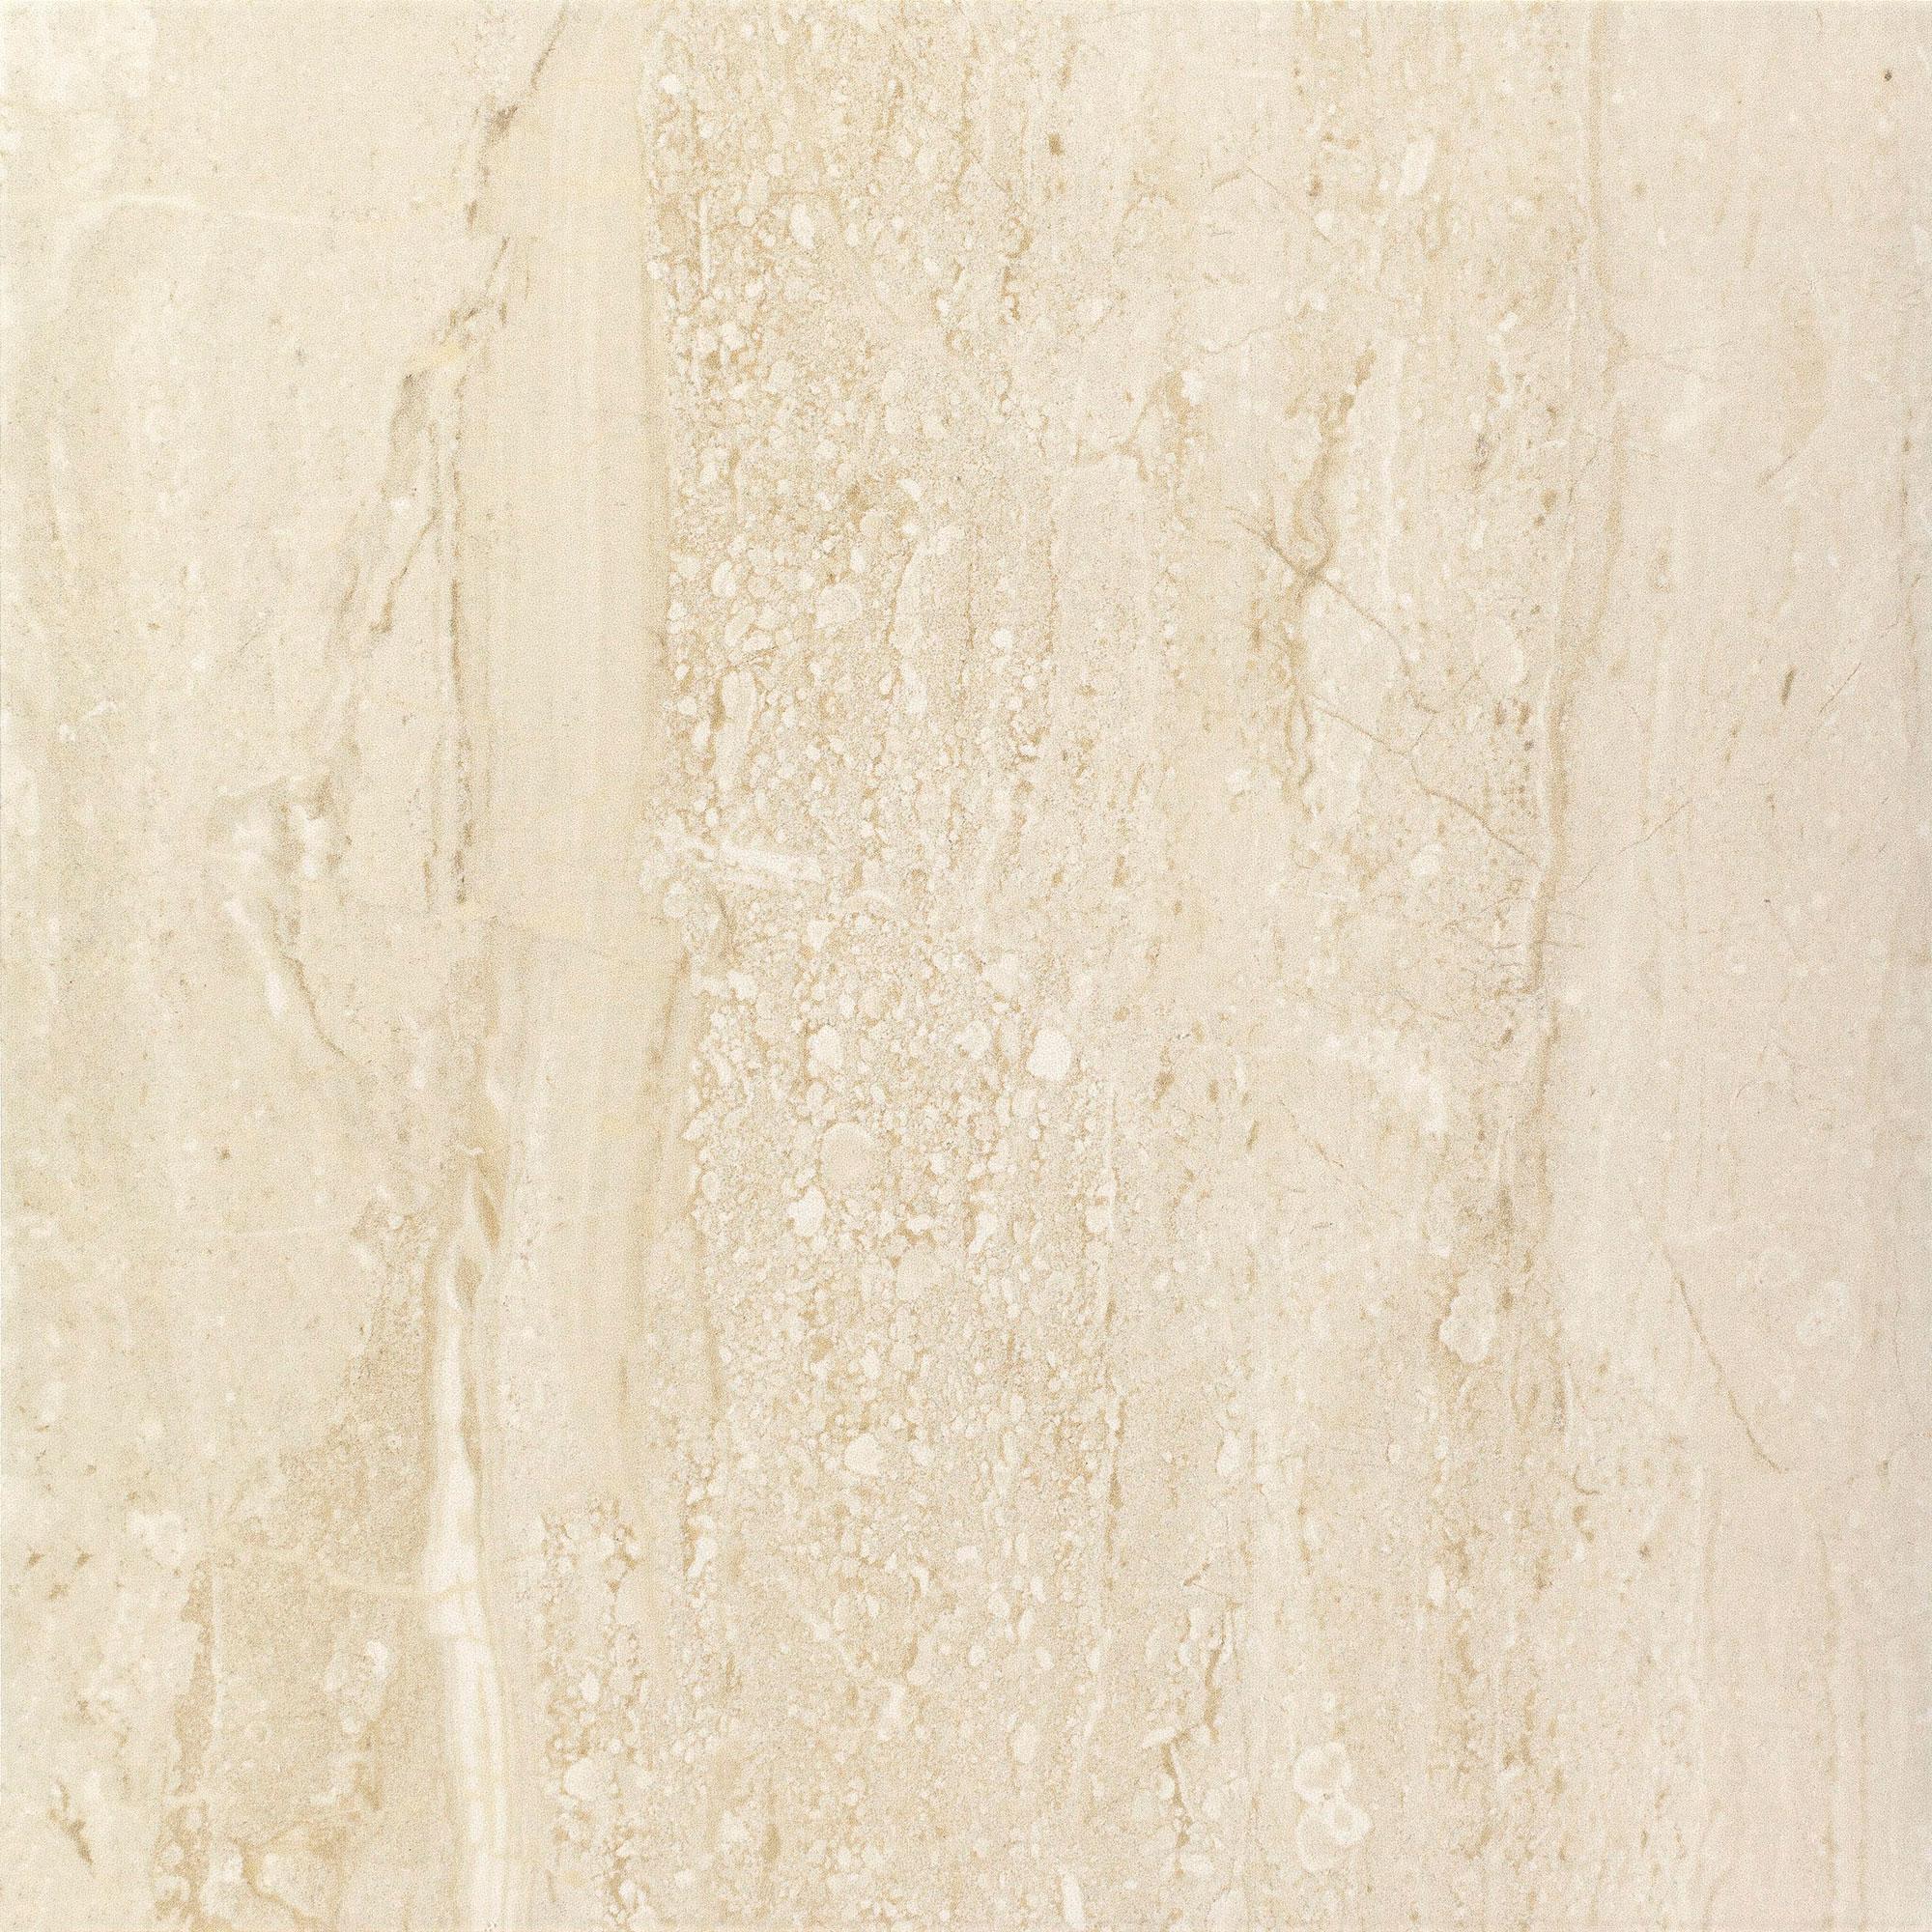 Универсальная плитка Ceramika Paradyz Coraline Beige 29,8х29,8 универсальная плитка ecoceramic kyoto beige lappato 45х90